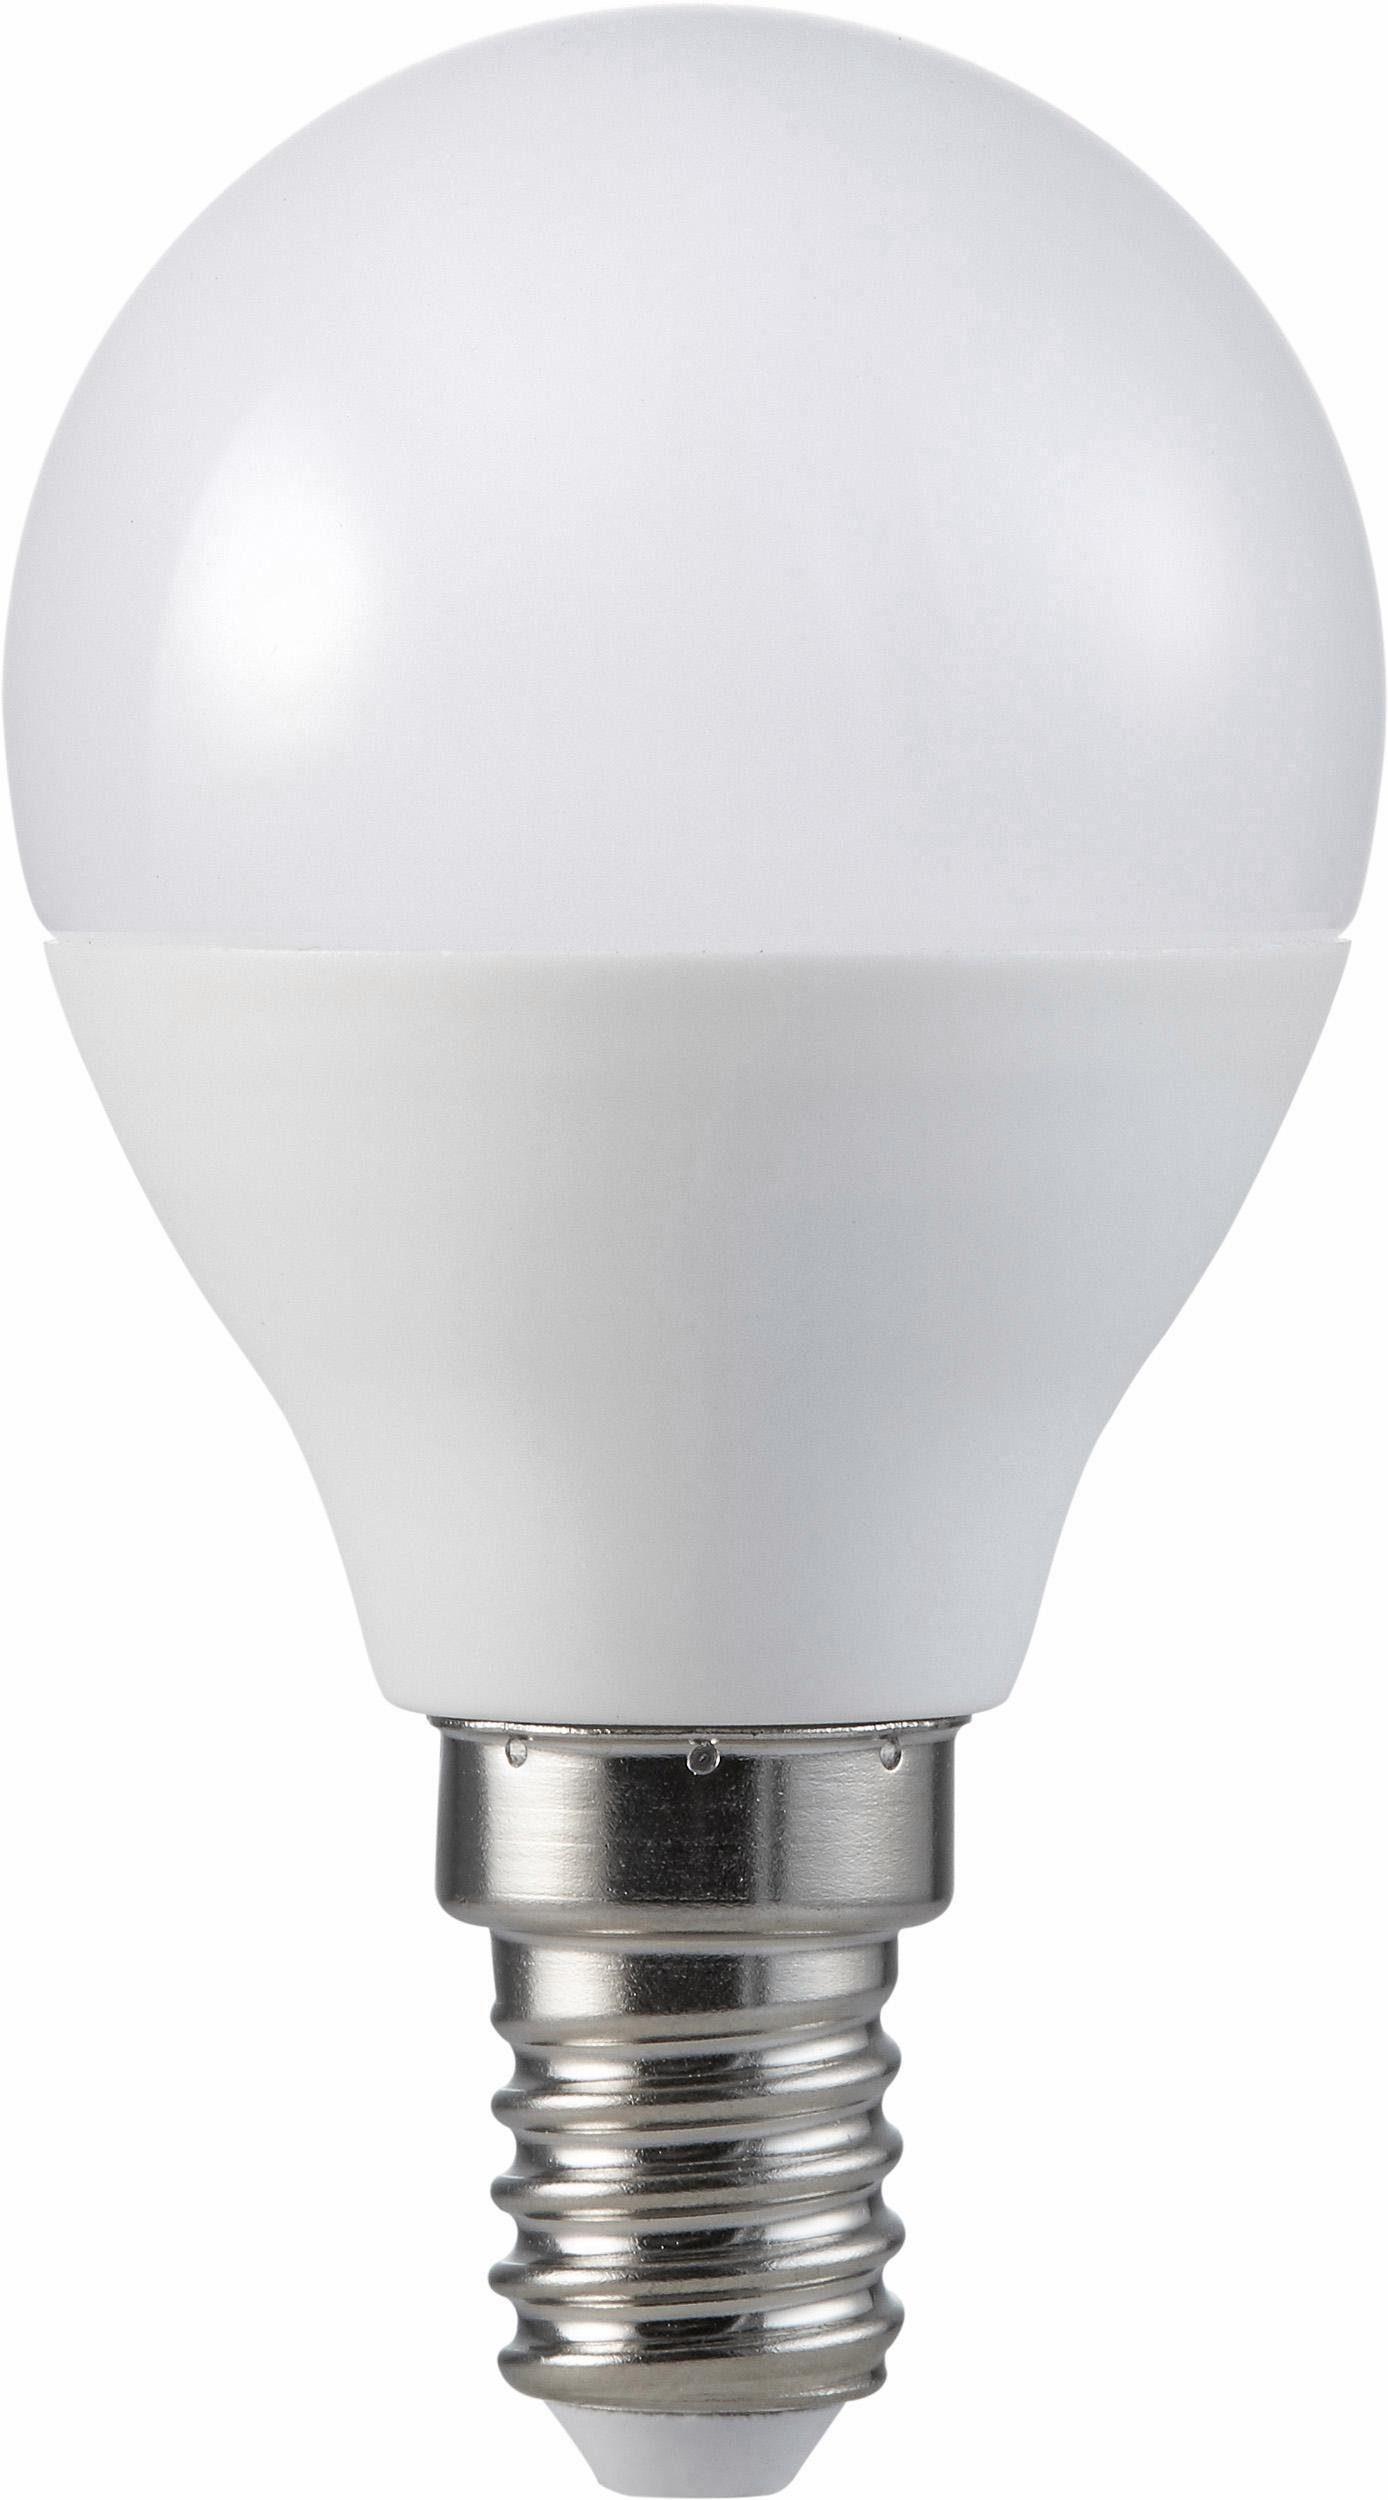 MÜLLER LICHT »Tropfenform« LED-Leuchtmittel, E14, 7 Stück, Warmweiß